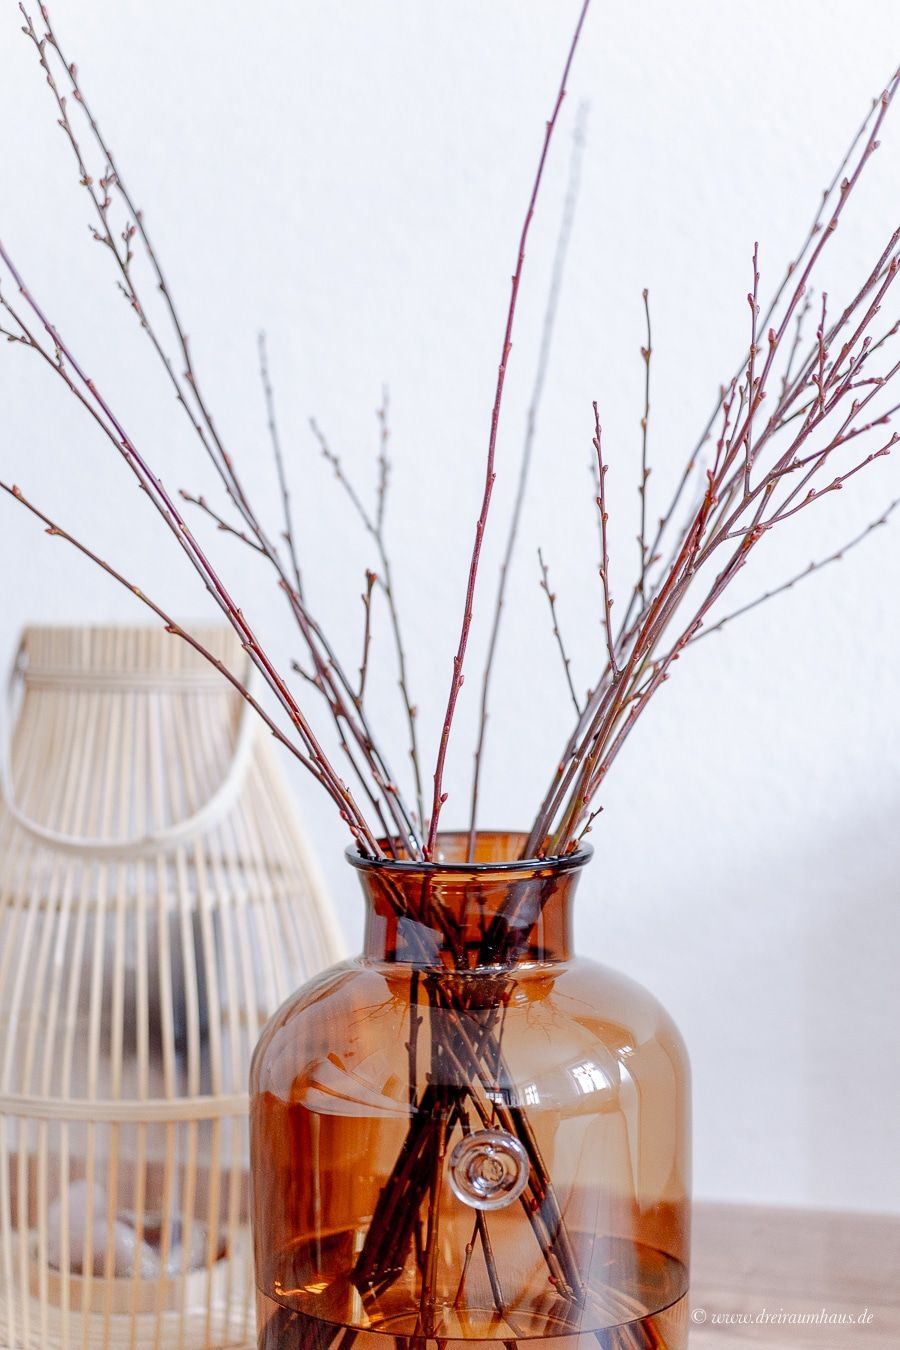 Dekosamstag: Inspiration für optische Ruhe, ein neuer Couchtisch, die ersten Frühlingsgefühle und gefüllte Paprika!